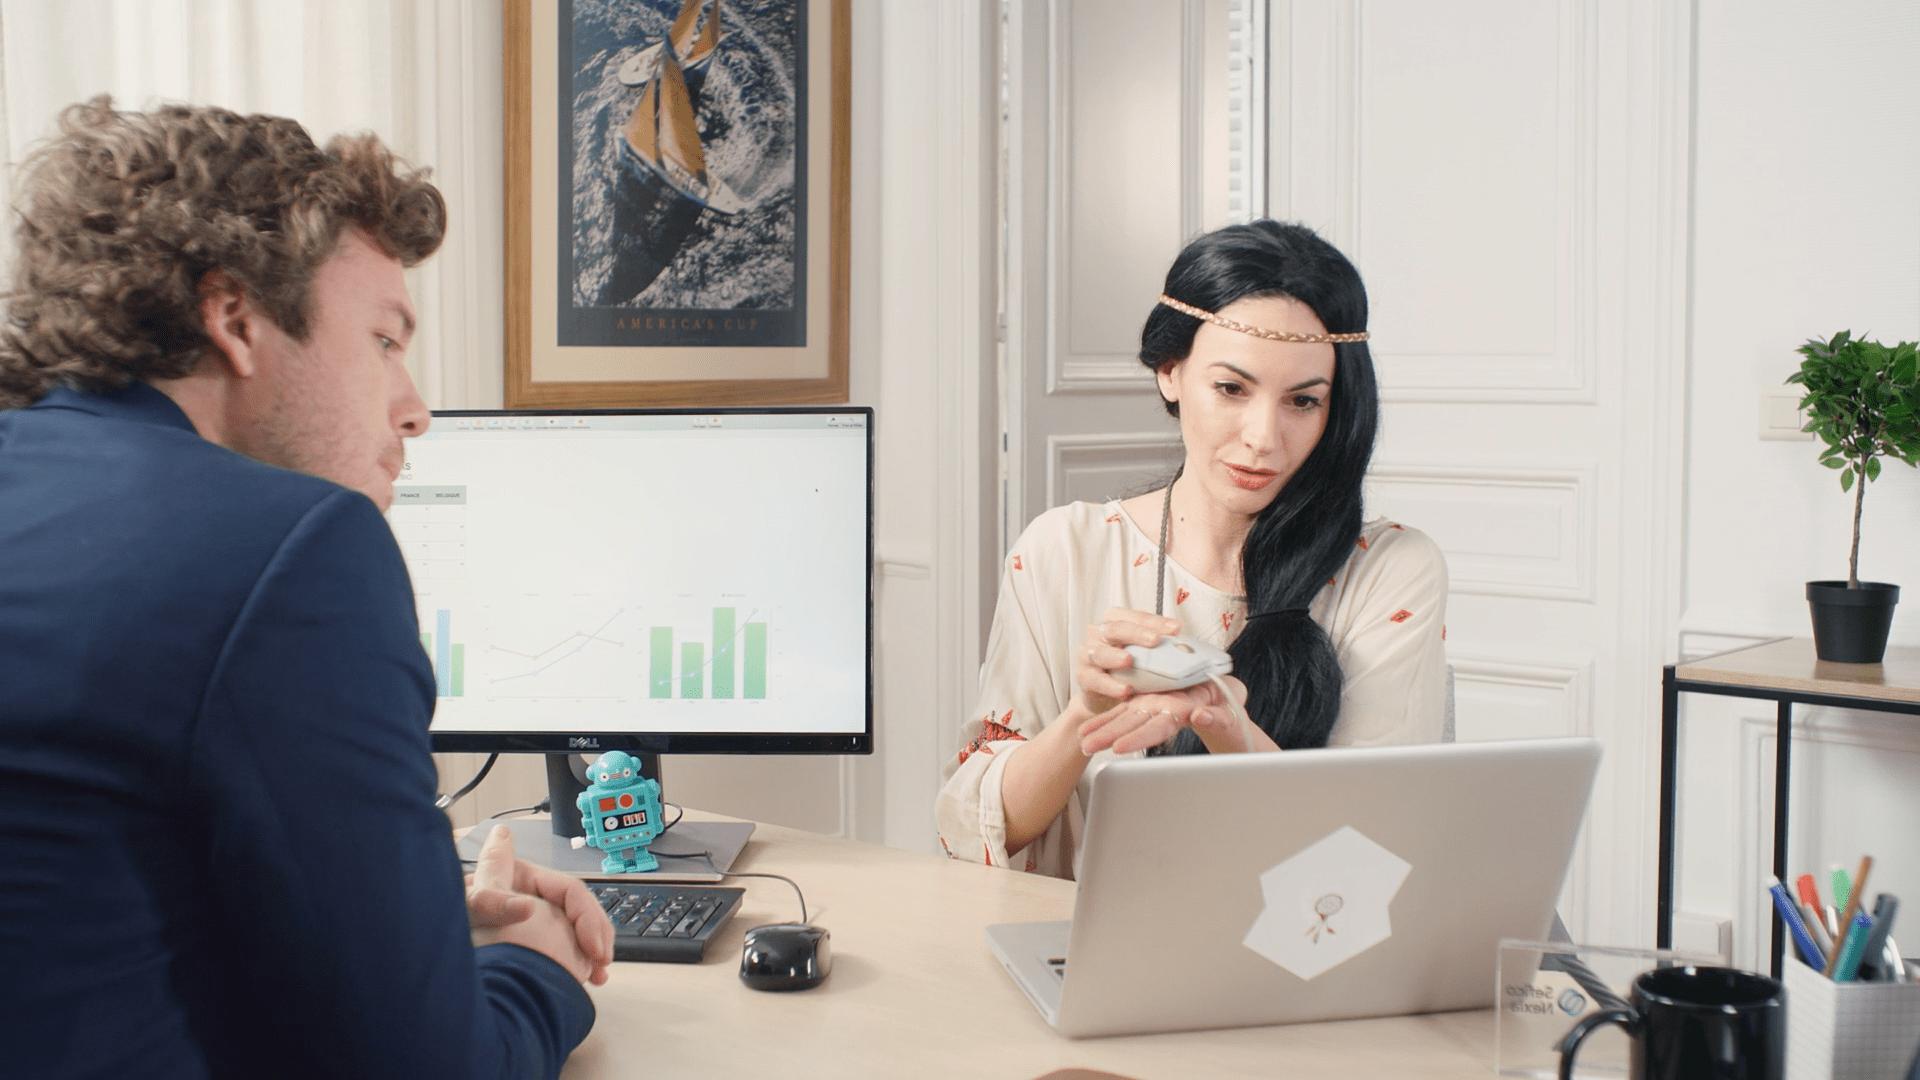 Pocahontas et les nouvelles technologies